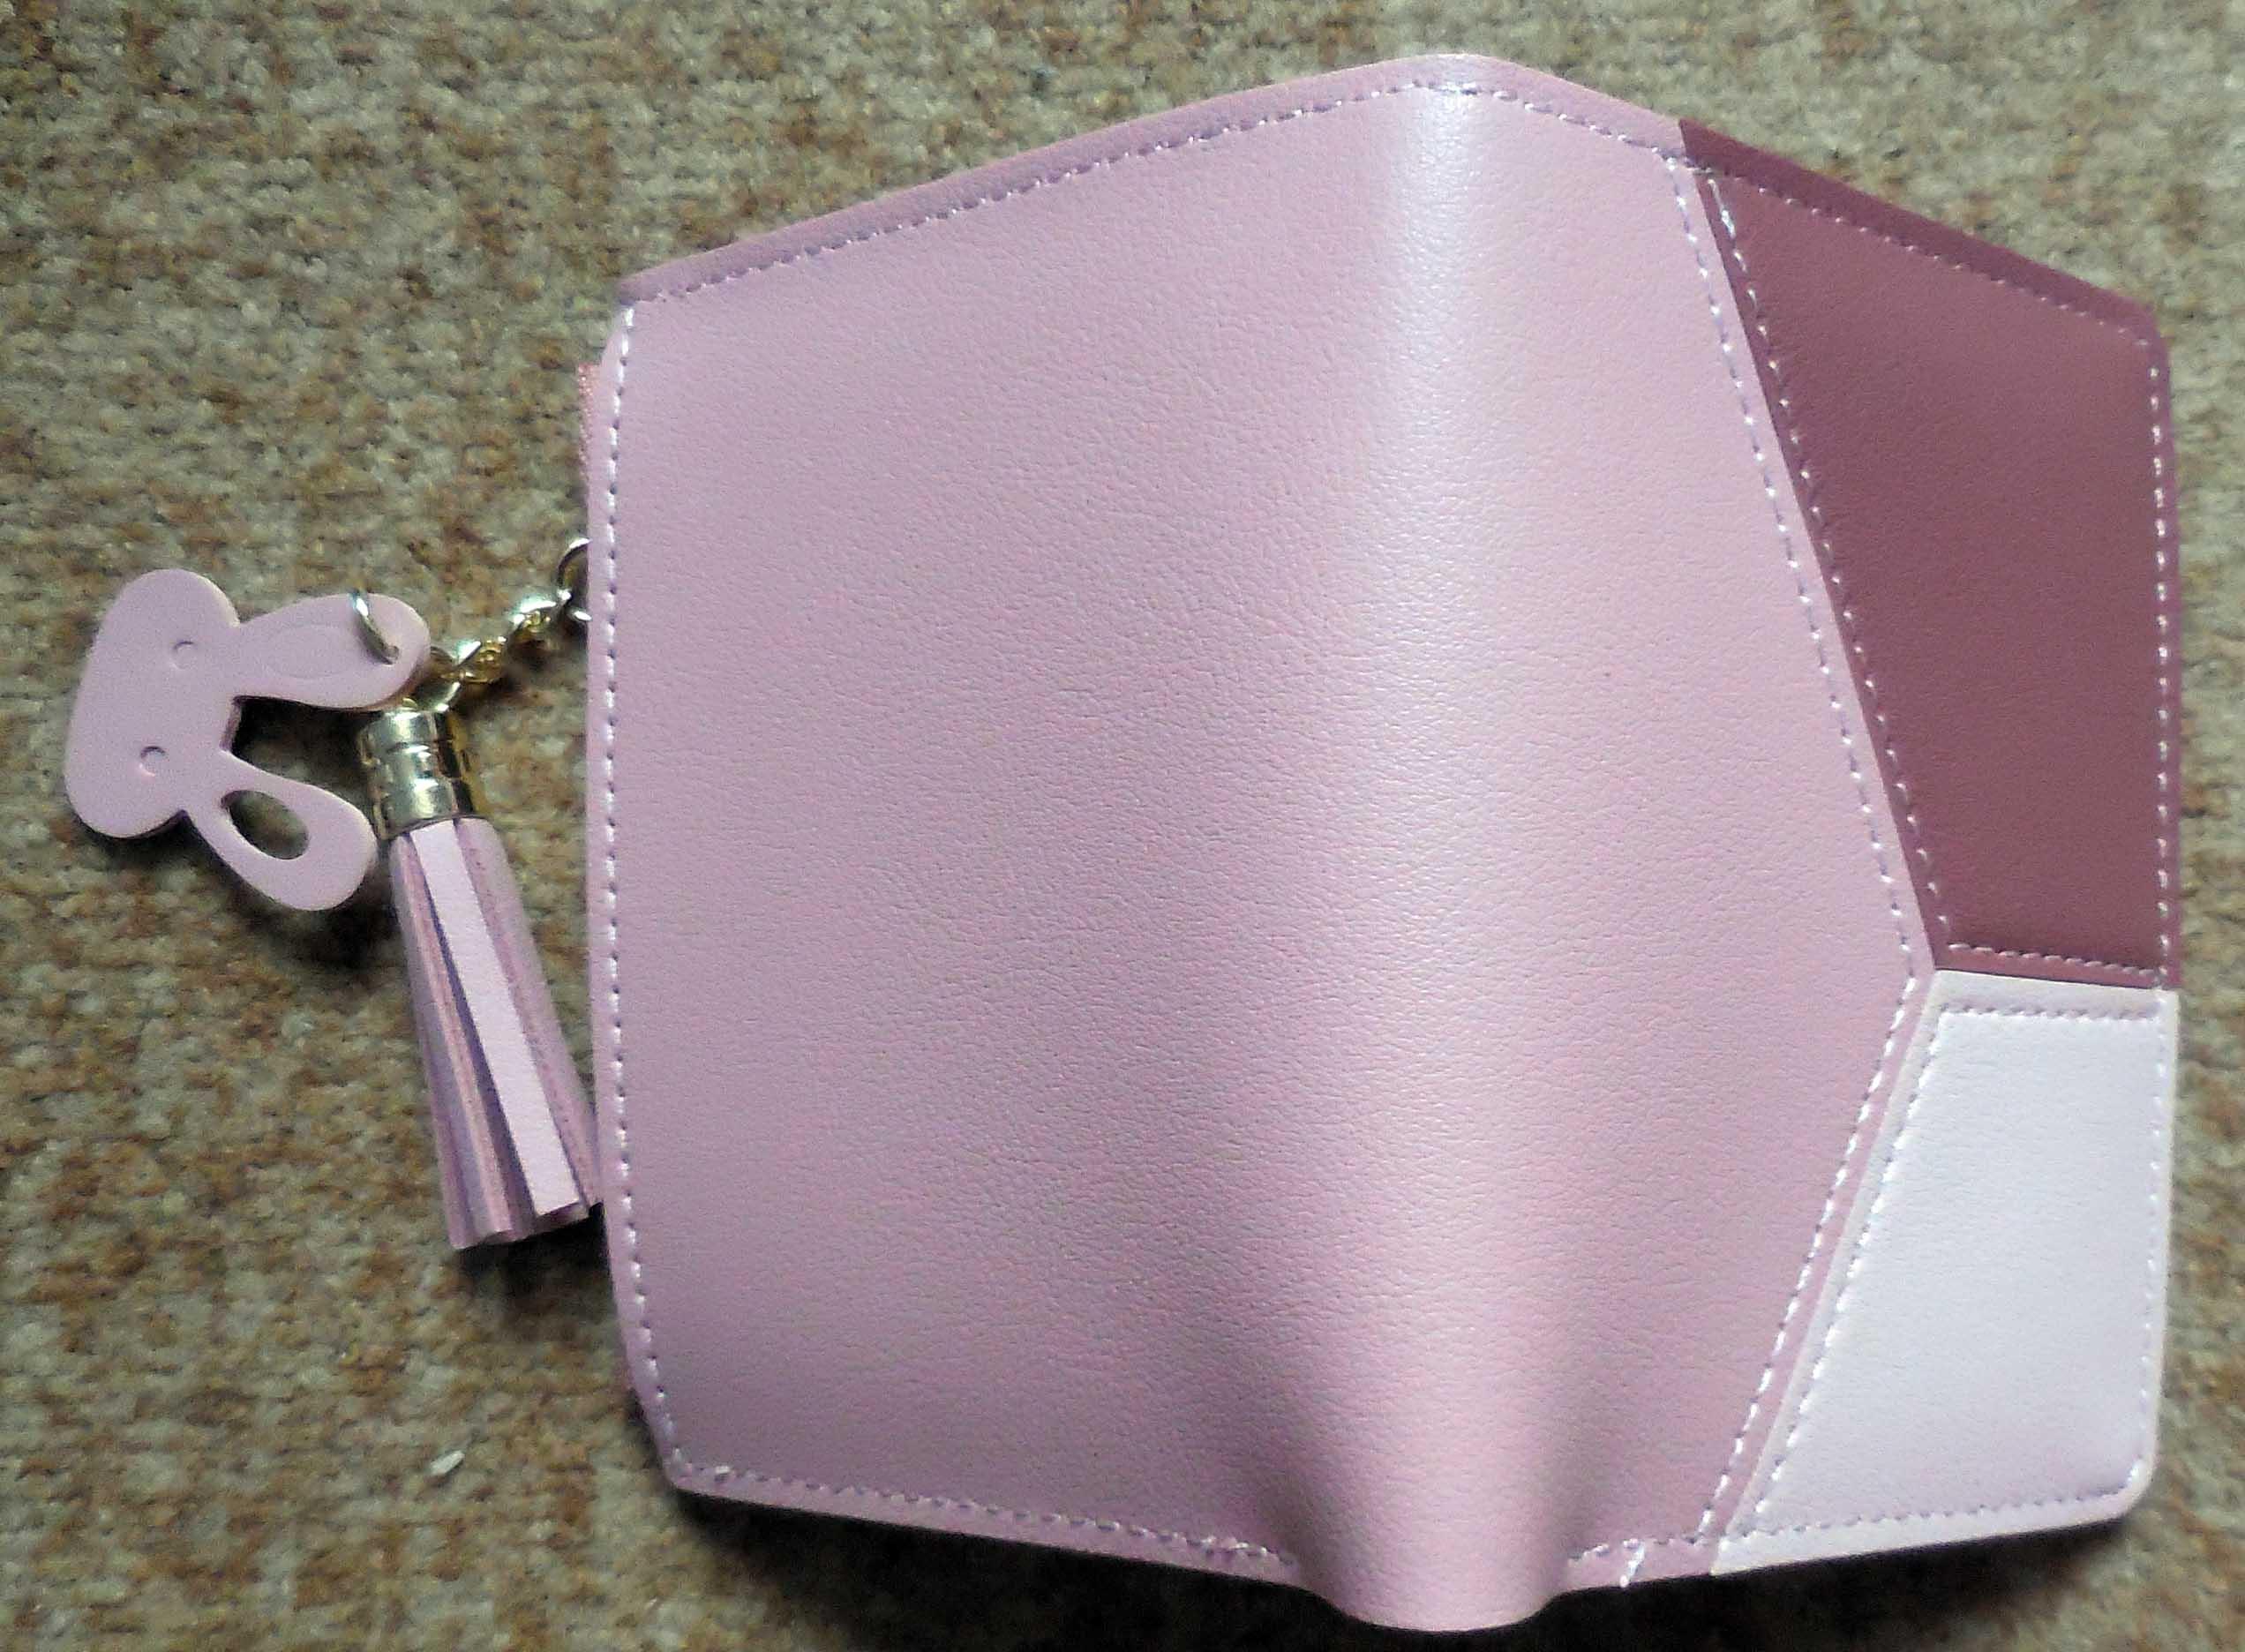 Джордано женщины; Подкладка Материал:: Полиэстер; женщины портмоне; бумажник женщин;